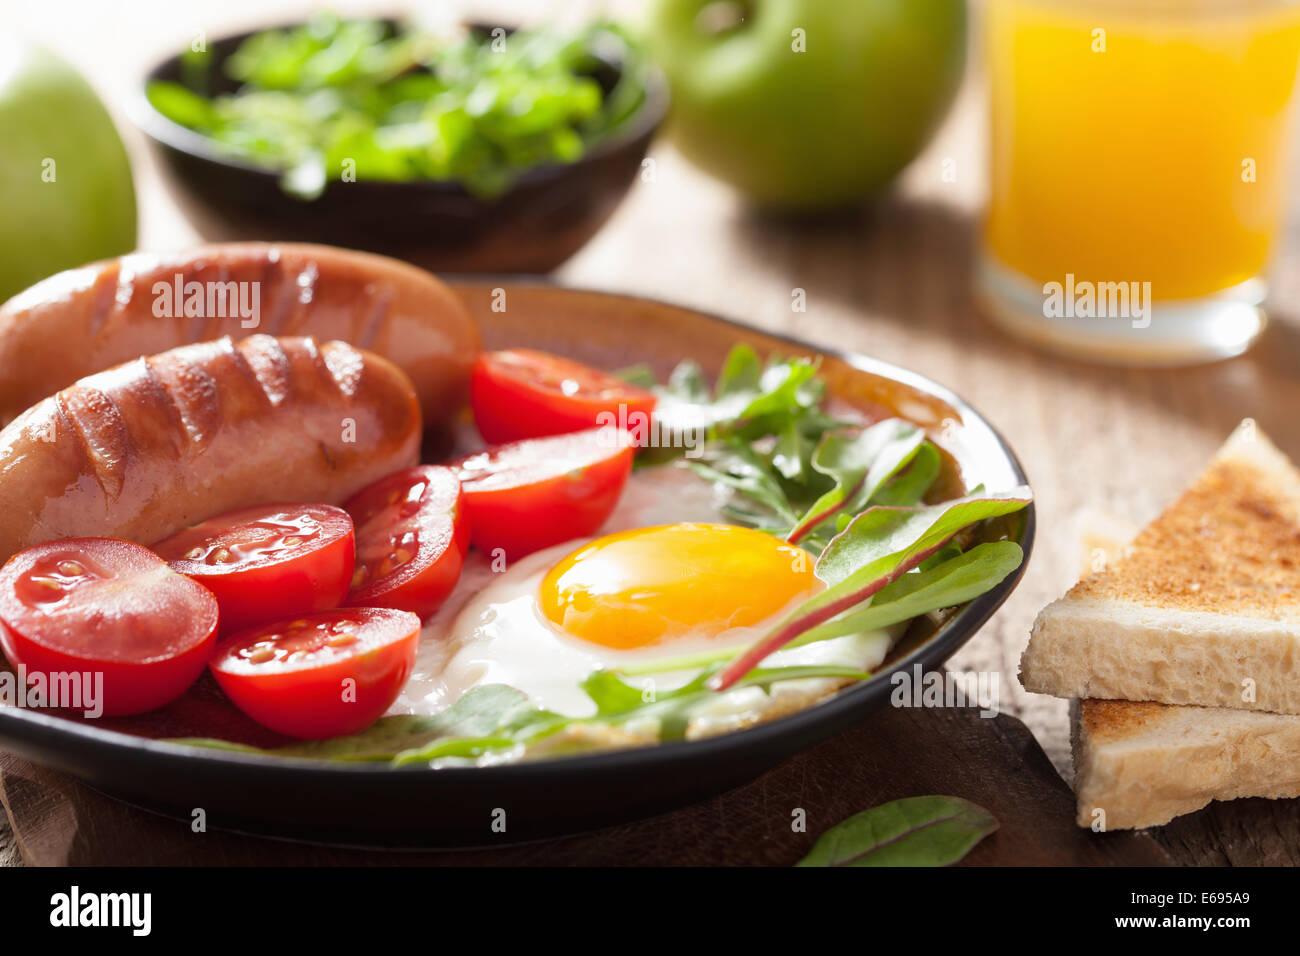 Œuf frit tomates saucisses pour petit-déjeuner sain Photo Stock